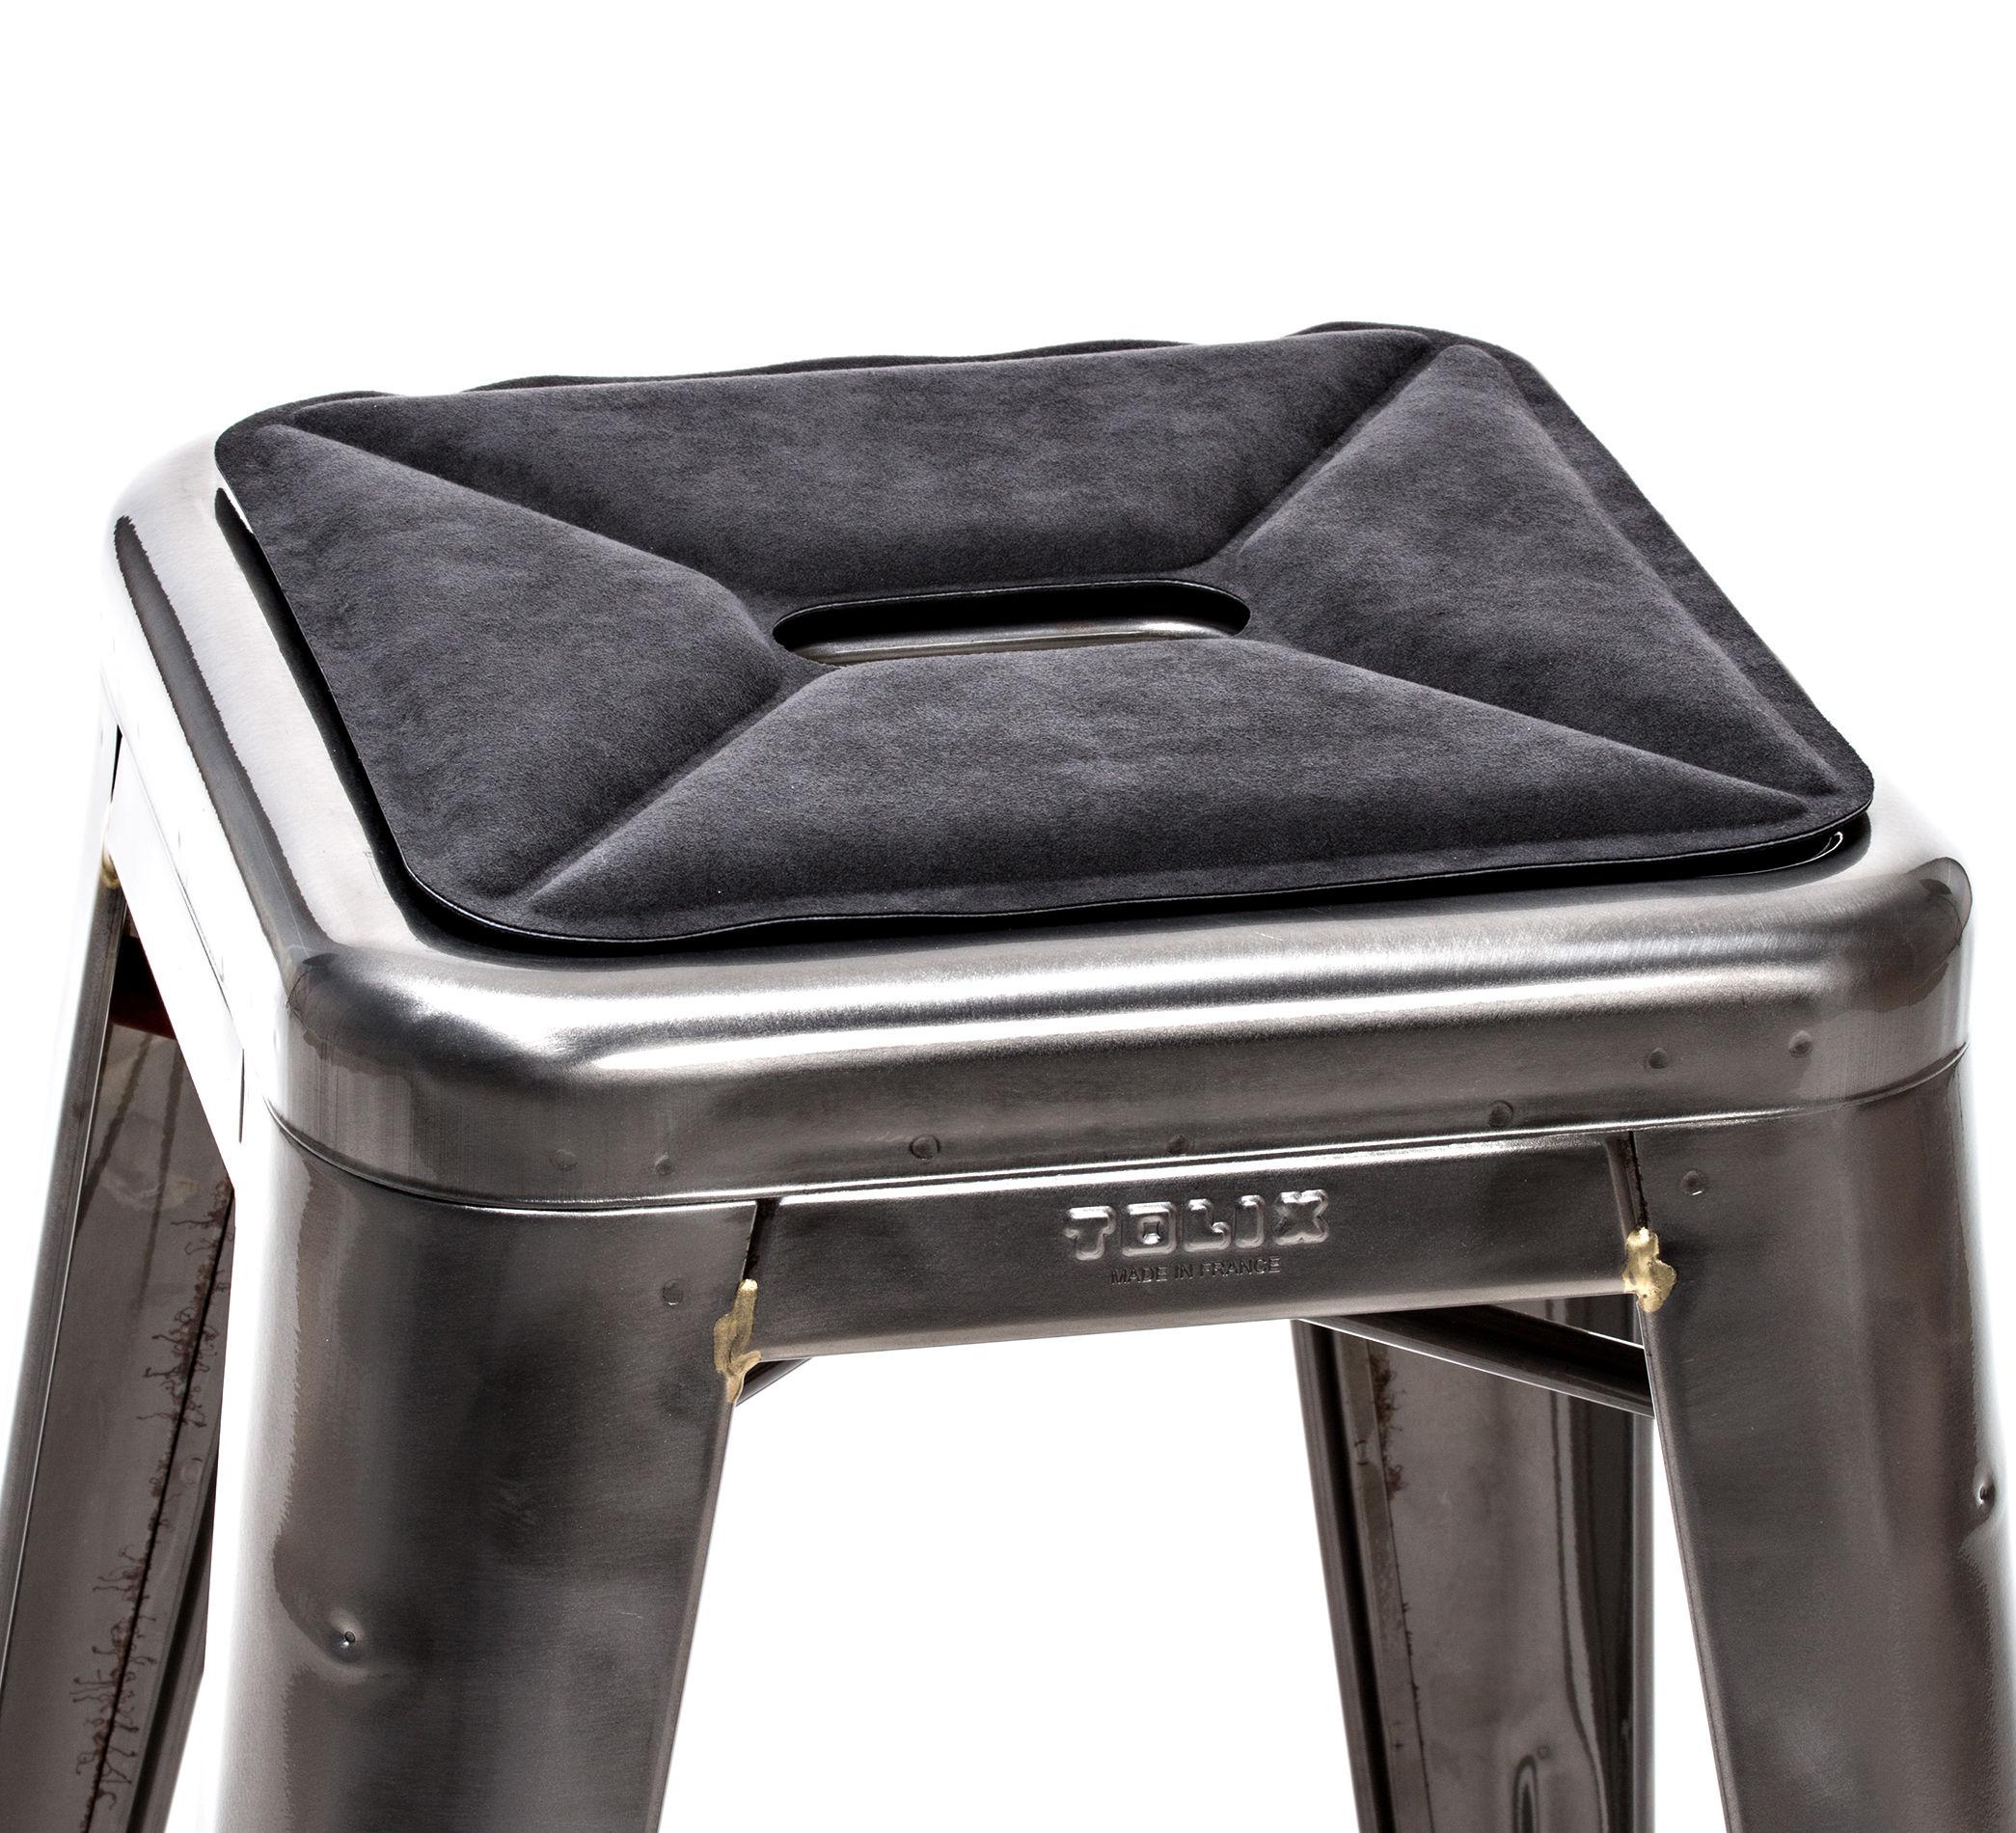 Déco - Coussins - Galette d'assise / Tissu - Pour tabourets - Tolix - Tissu / Anthracite - Tissu